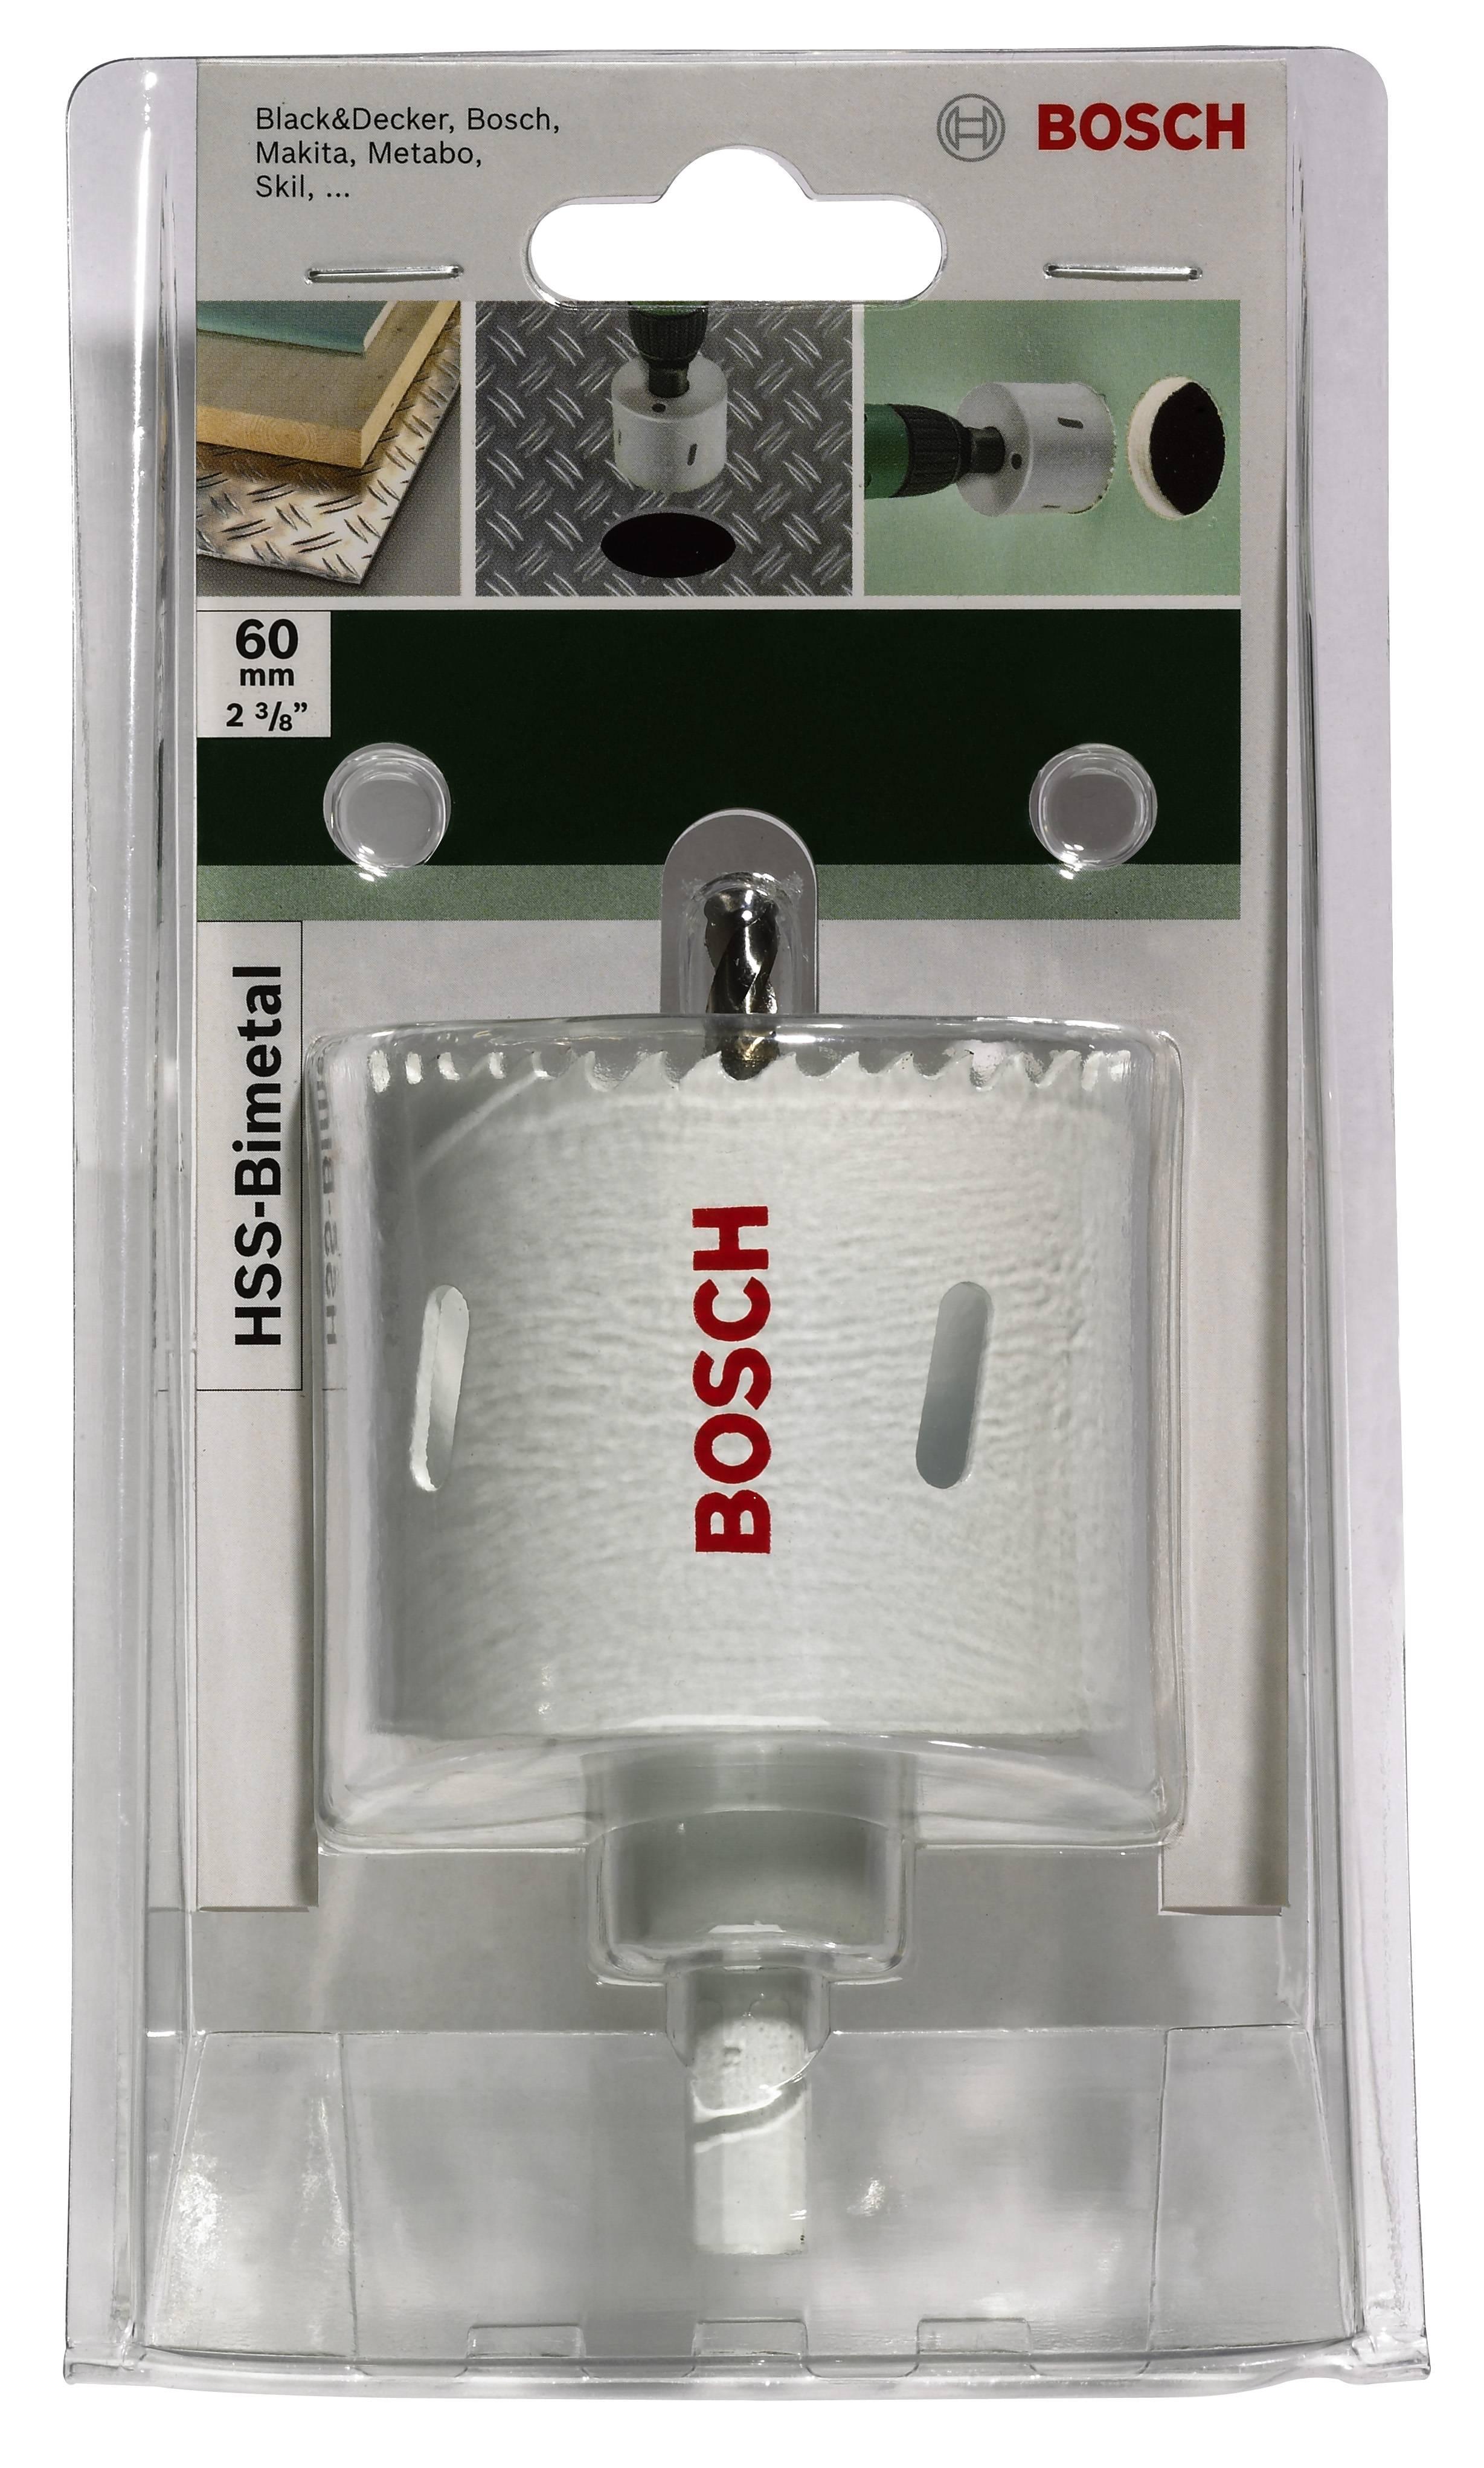 Gut Lochsäge 68 mm Bosch Accessories 2609255615 1 St. online kaufen  EZ77